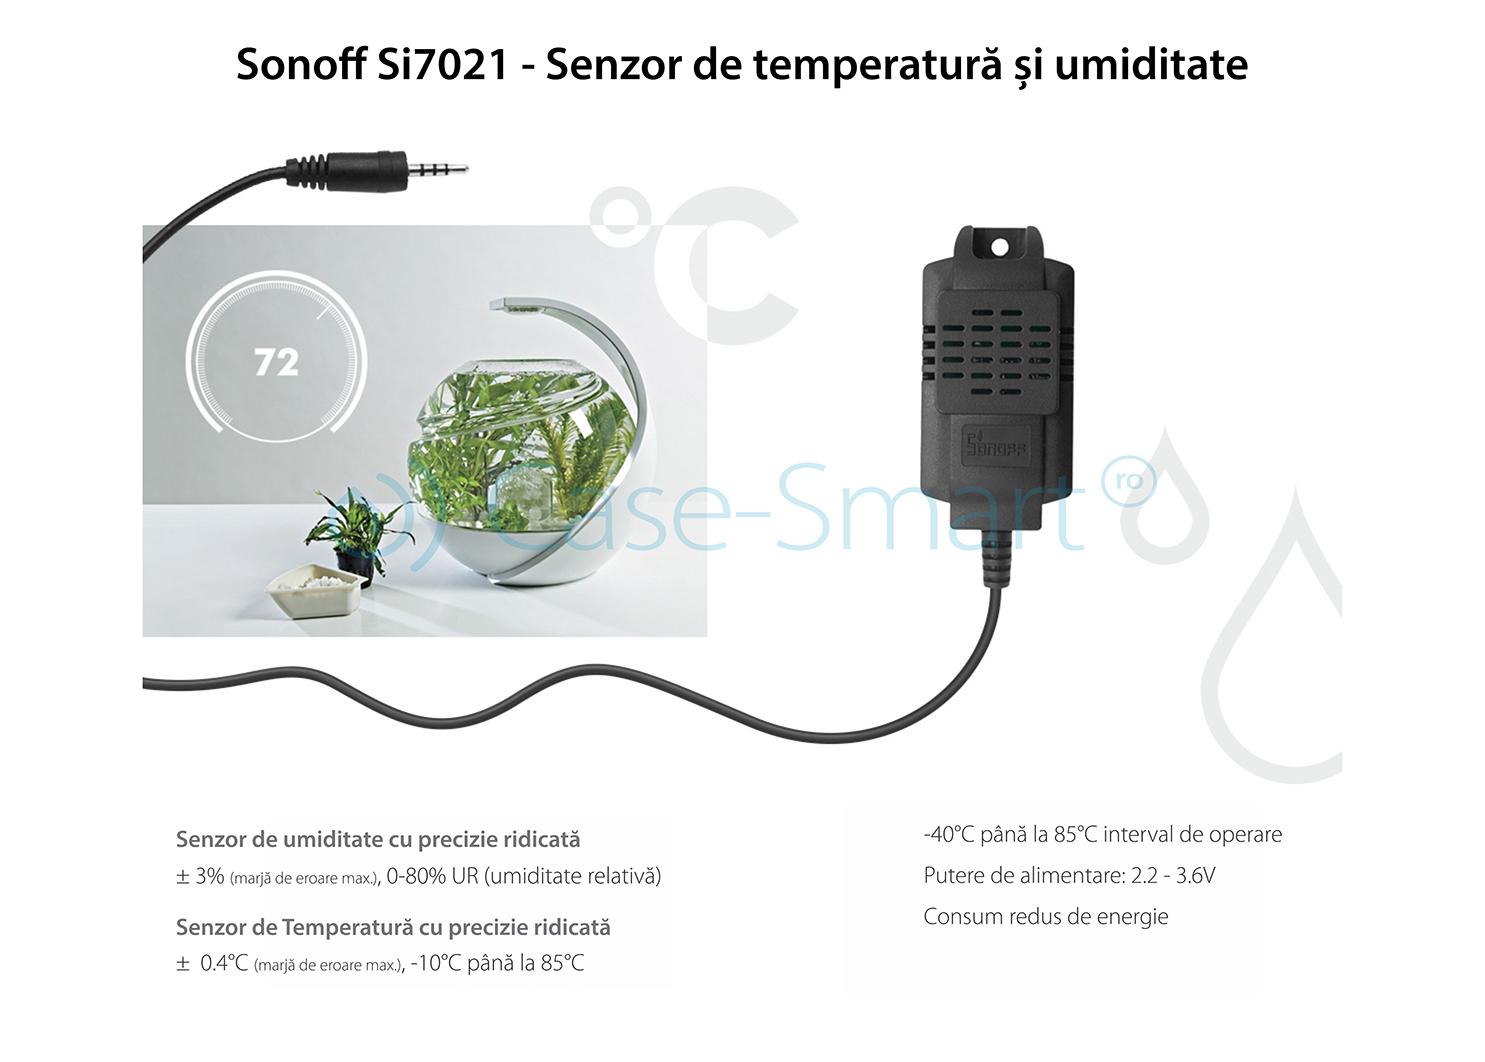 Releu pentru temperatura si umiditate 16A Sonoff TH16